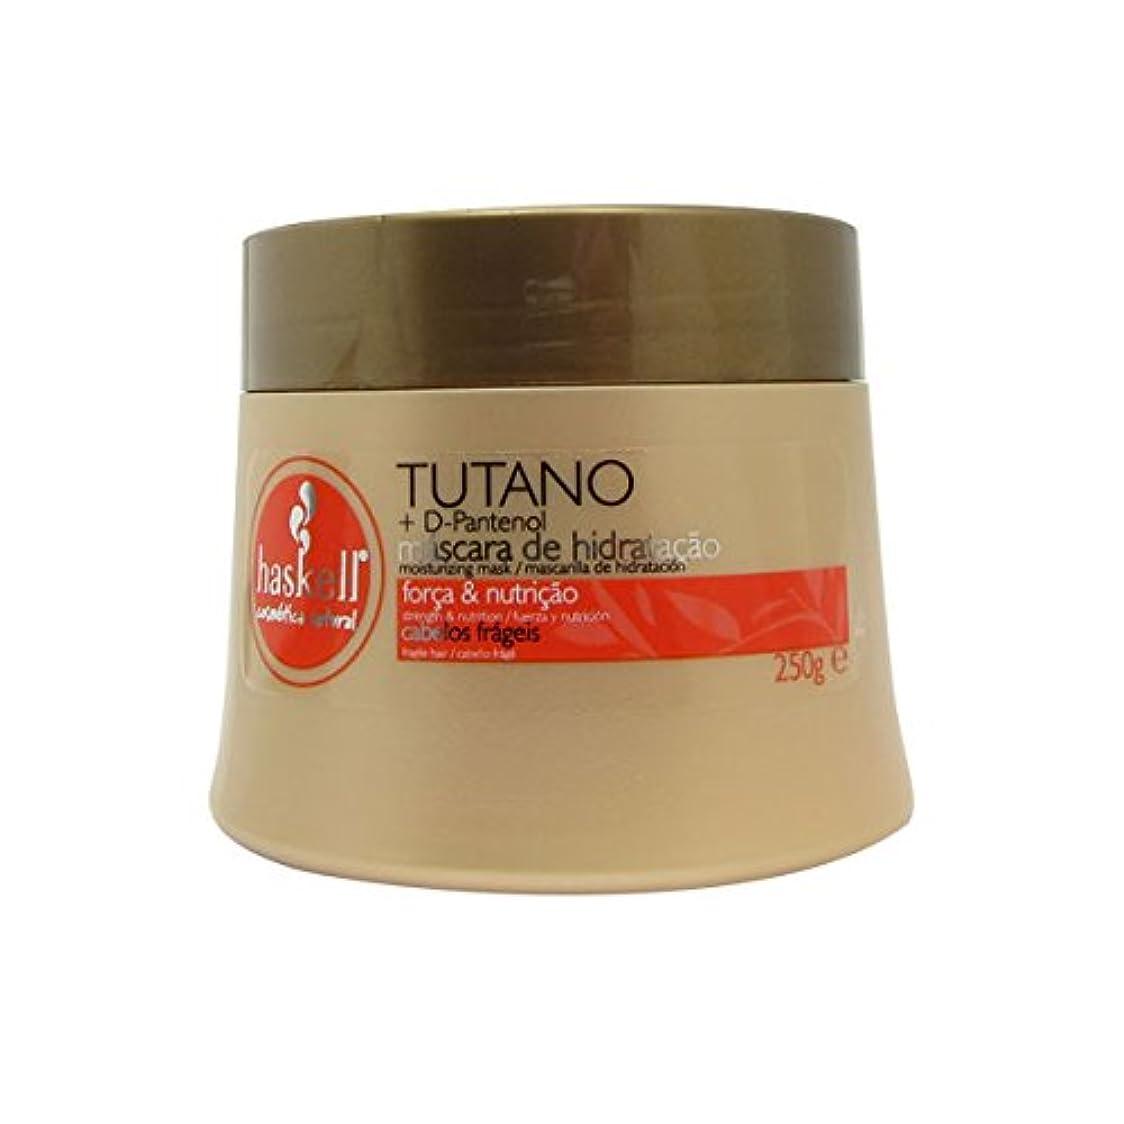 構成するトーナメントエンドウHaskell Tutano Hair Mask 250g [並行輸入品]